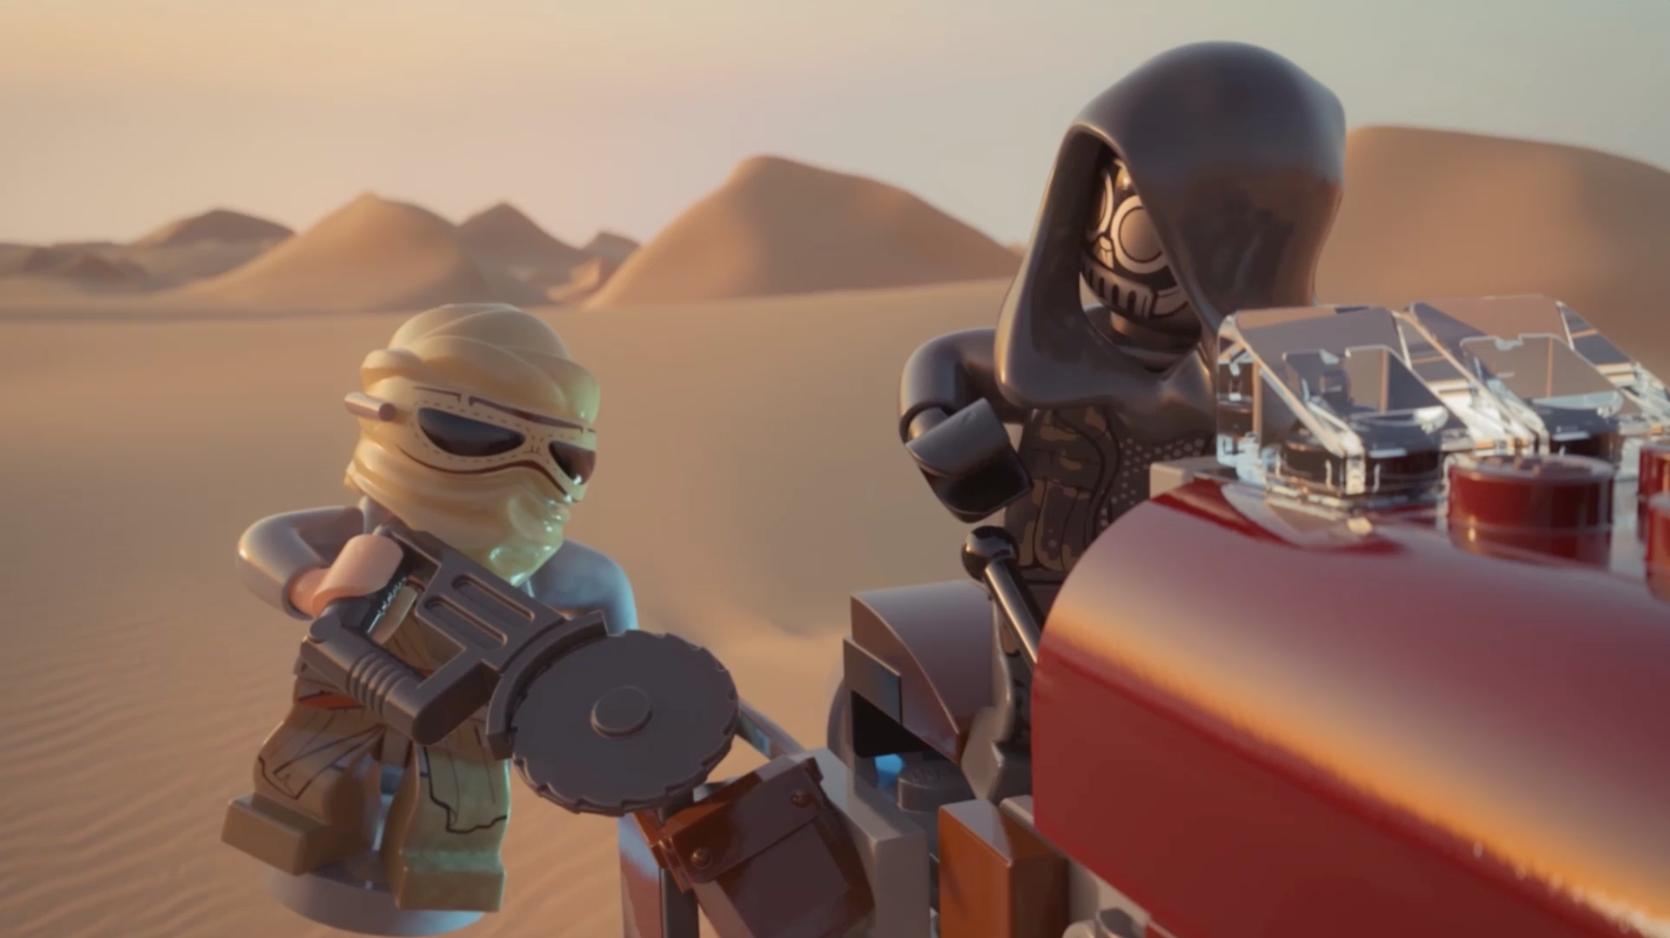 LEGO Star Wars - Minipelícula 2015 - Episodio 12: Rey's Speeder™